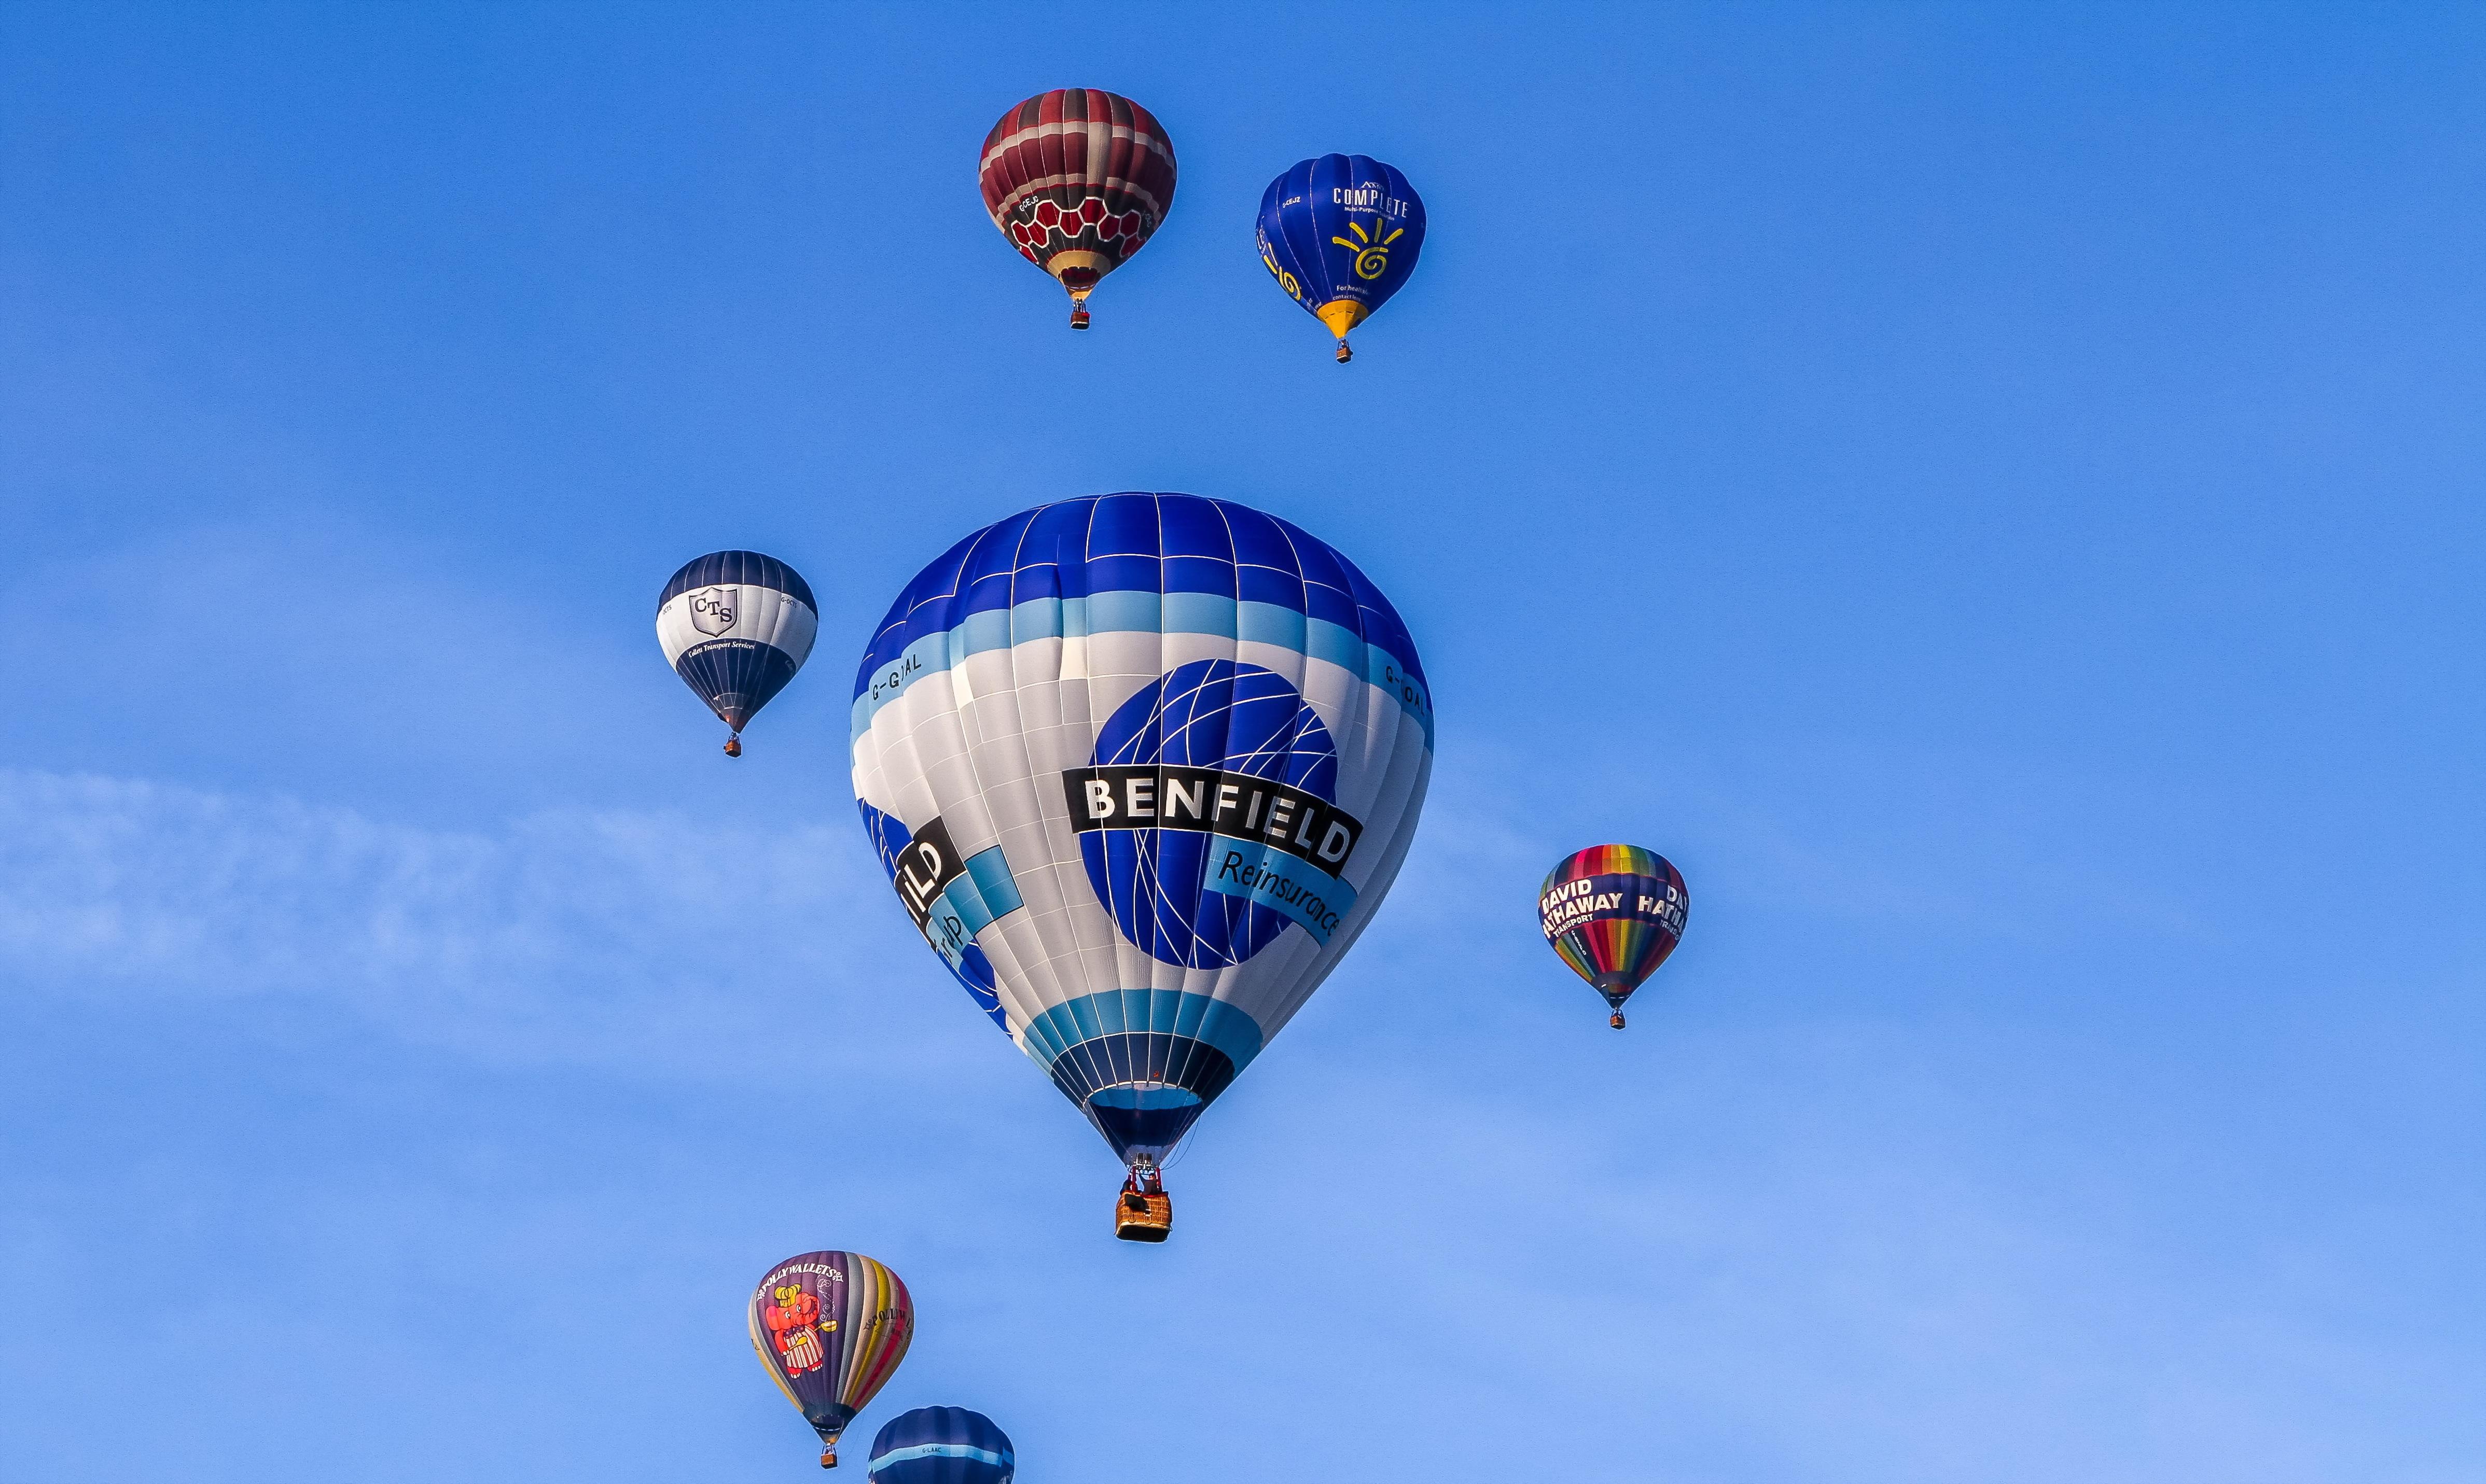 шары небо balls the sky  № 1008100 бесплатно